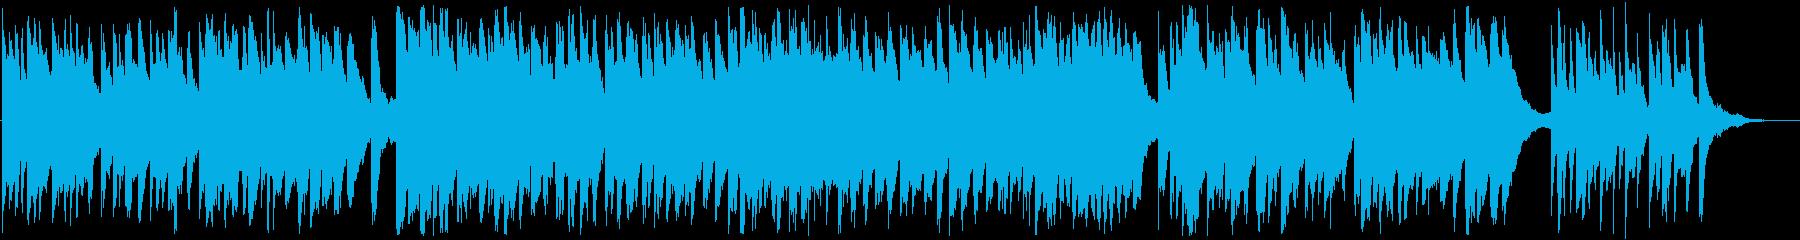 切ない回想のピアノ曲の再生済みの波形